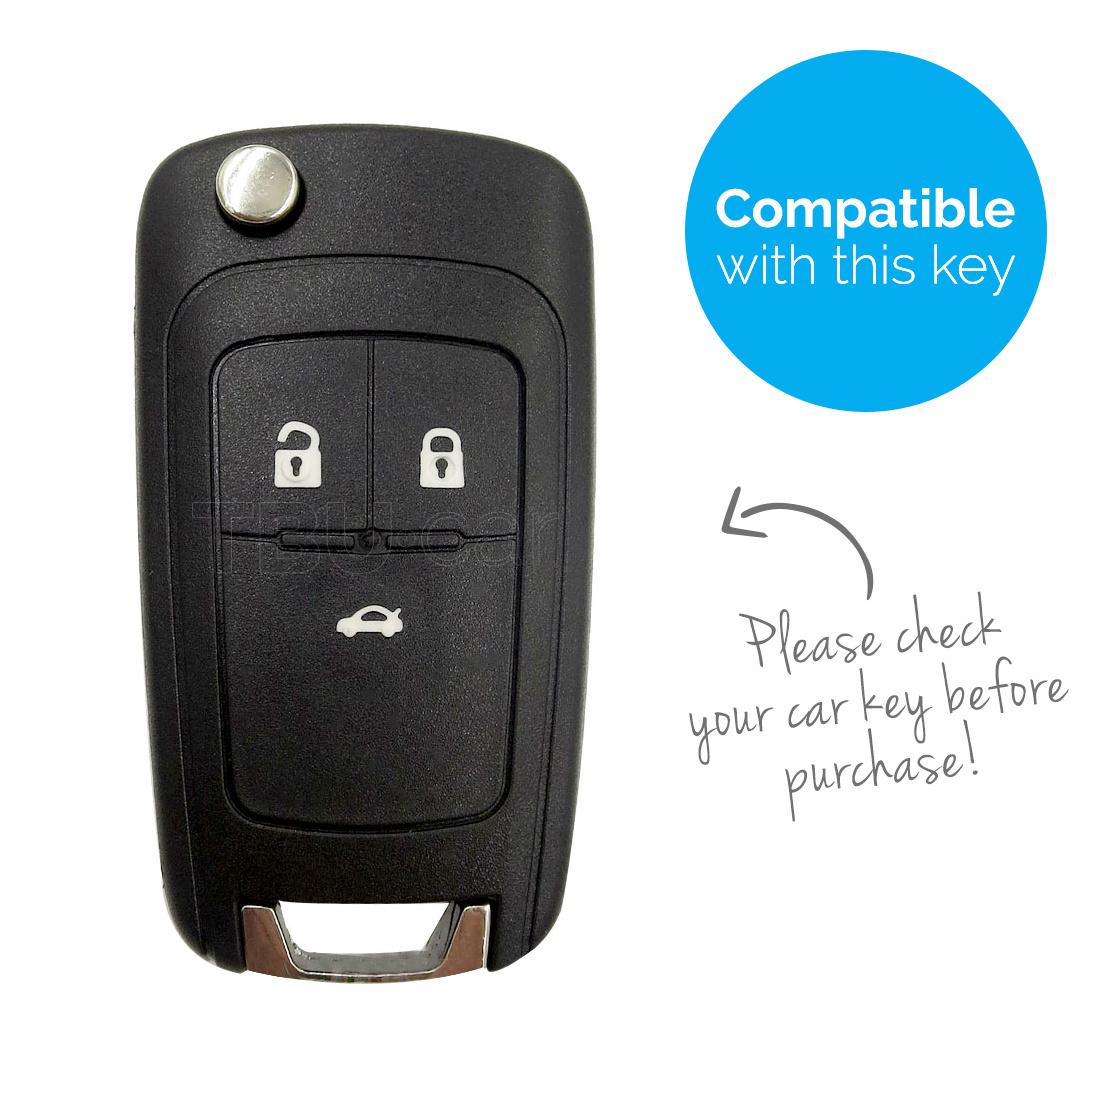 TBU car TBU car Funda Carcasa llave compatible con Chevrolet - Funda de Silicona - Cover de Llave Coche - Blanco